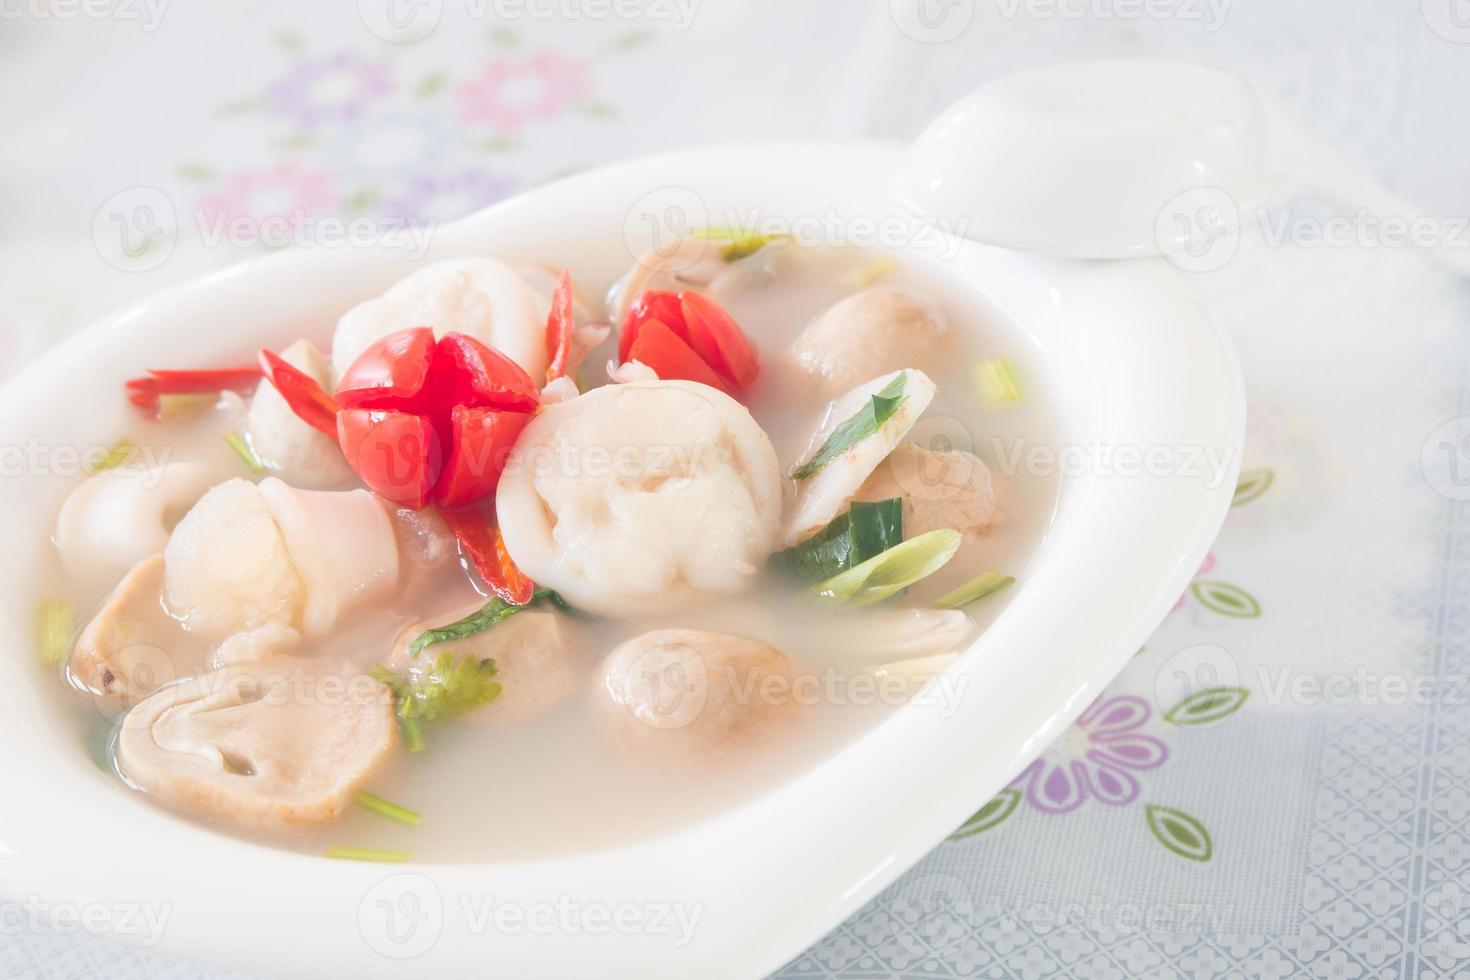 sopa picante estilo tailandés, tom yum foto